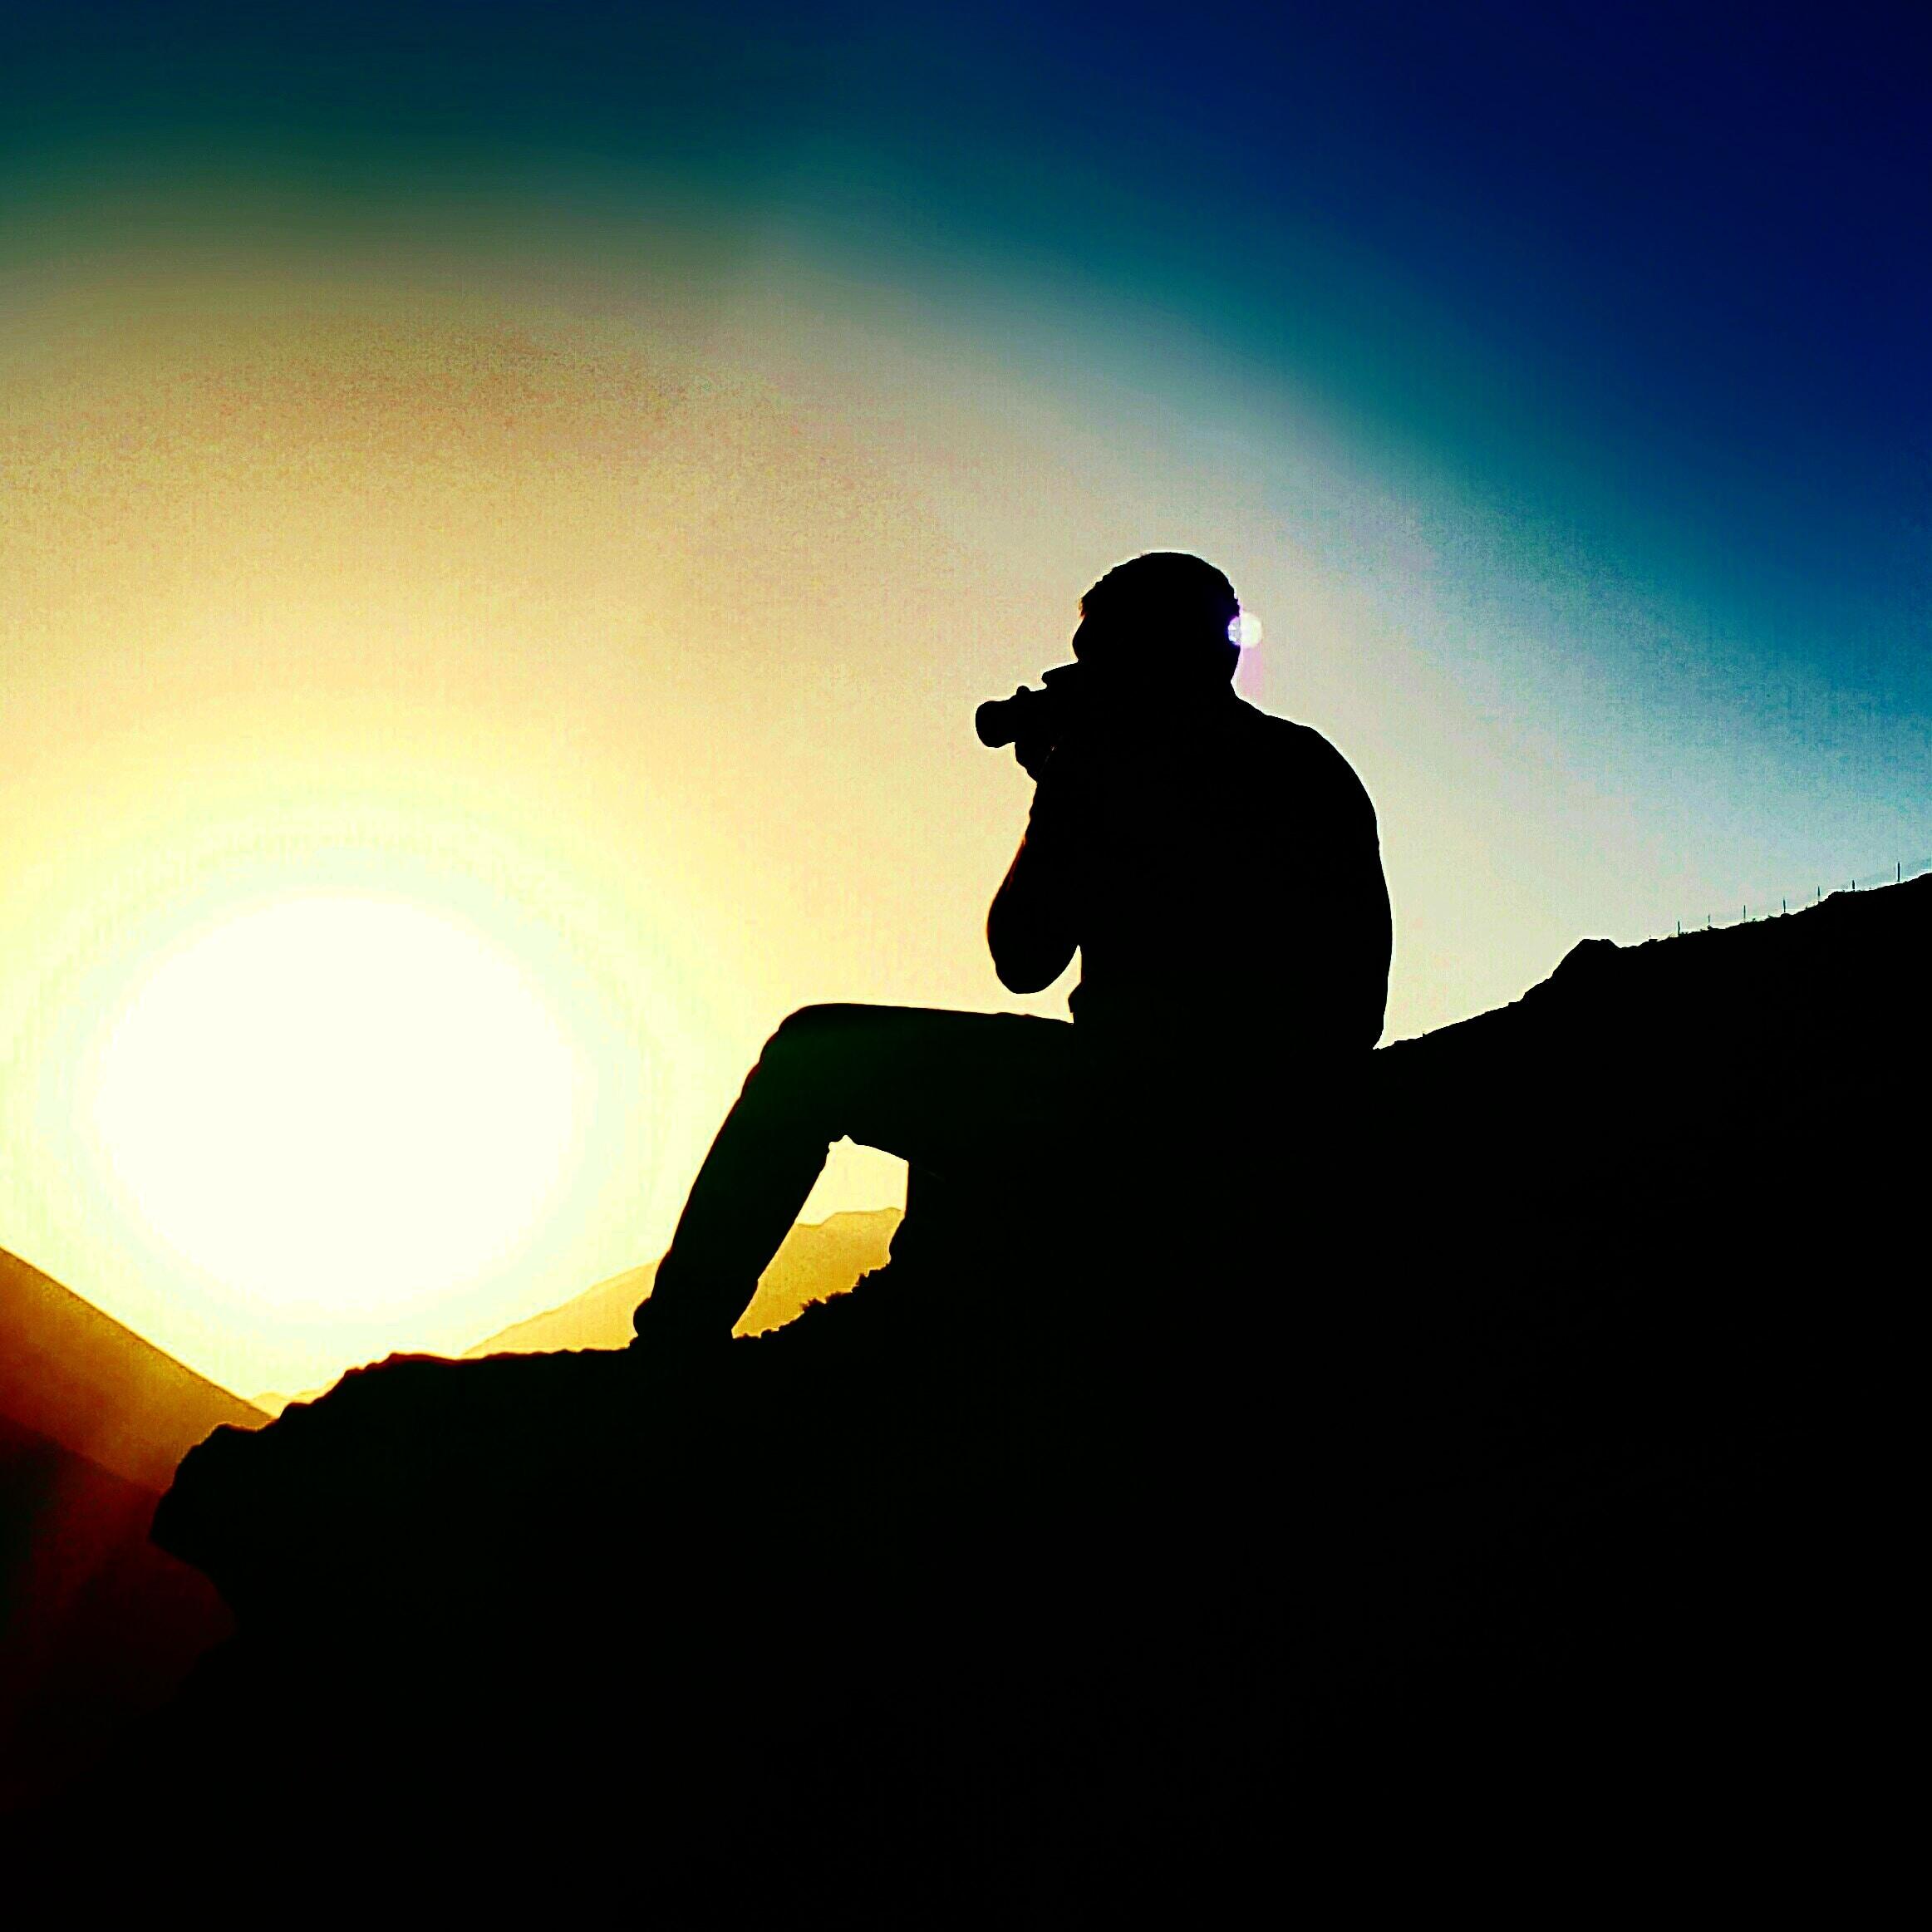 Go to Alireza Ghasemi moroodi's profile